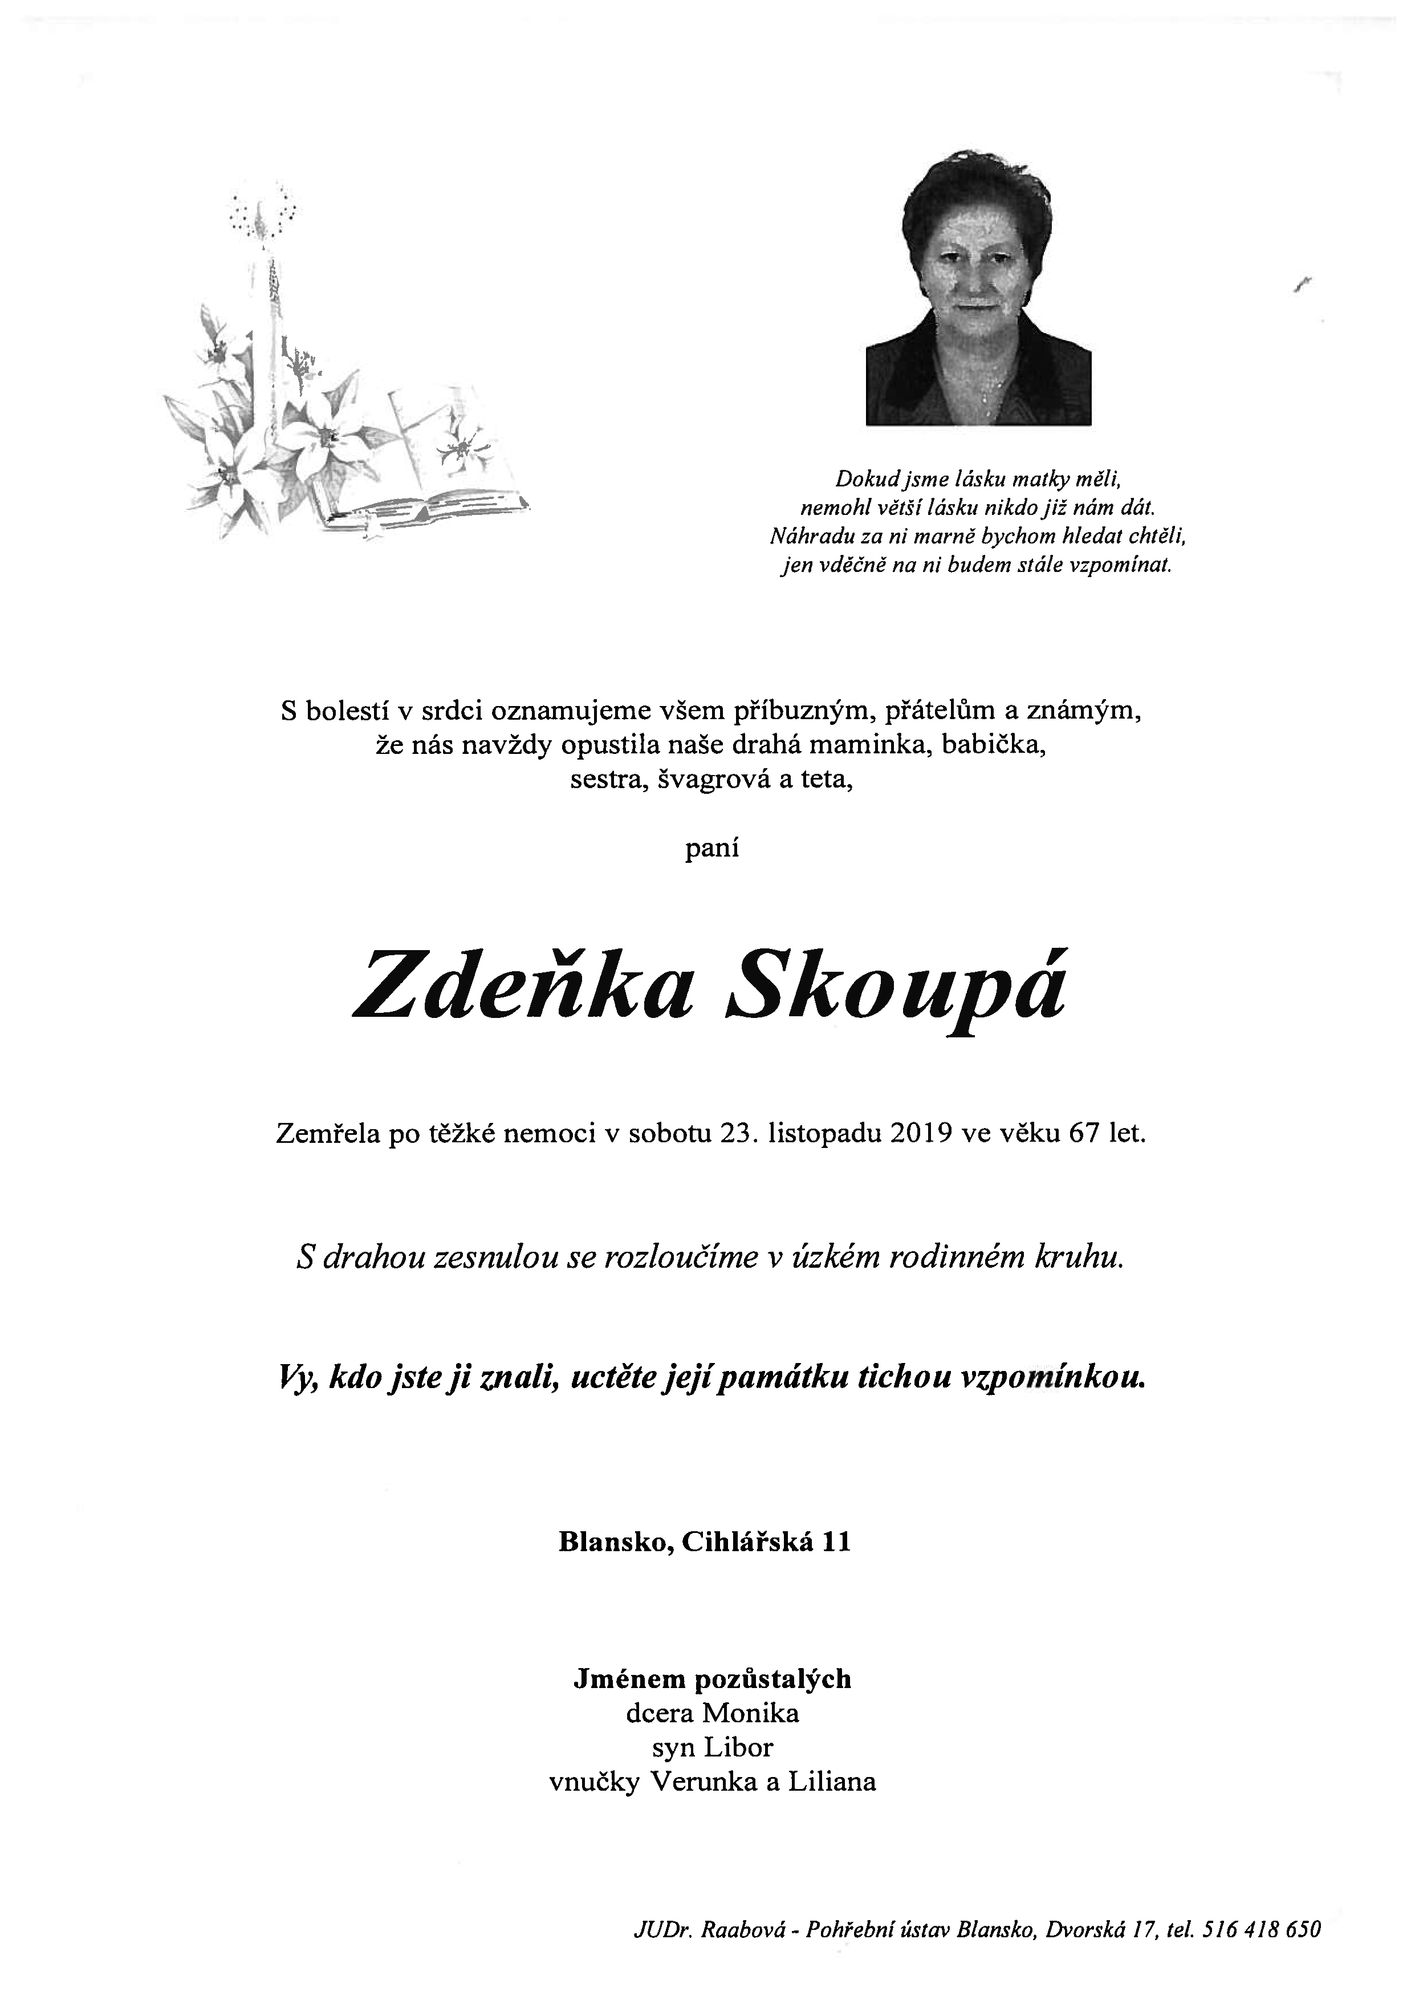 Zdeňka Skoupá